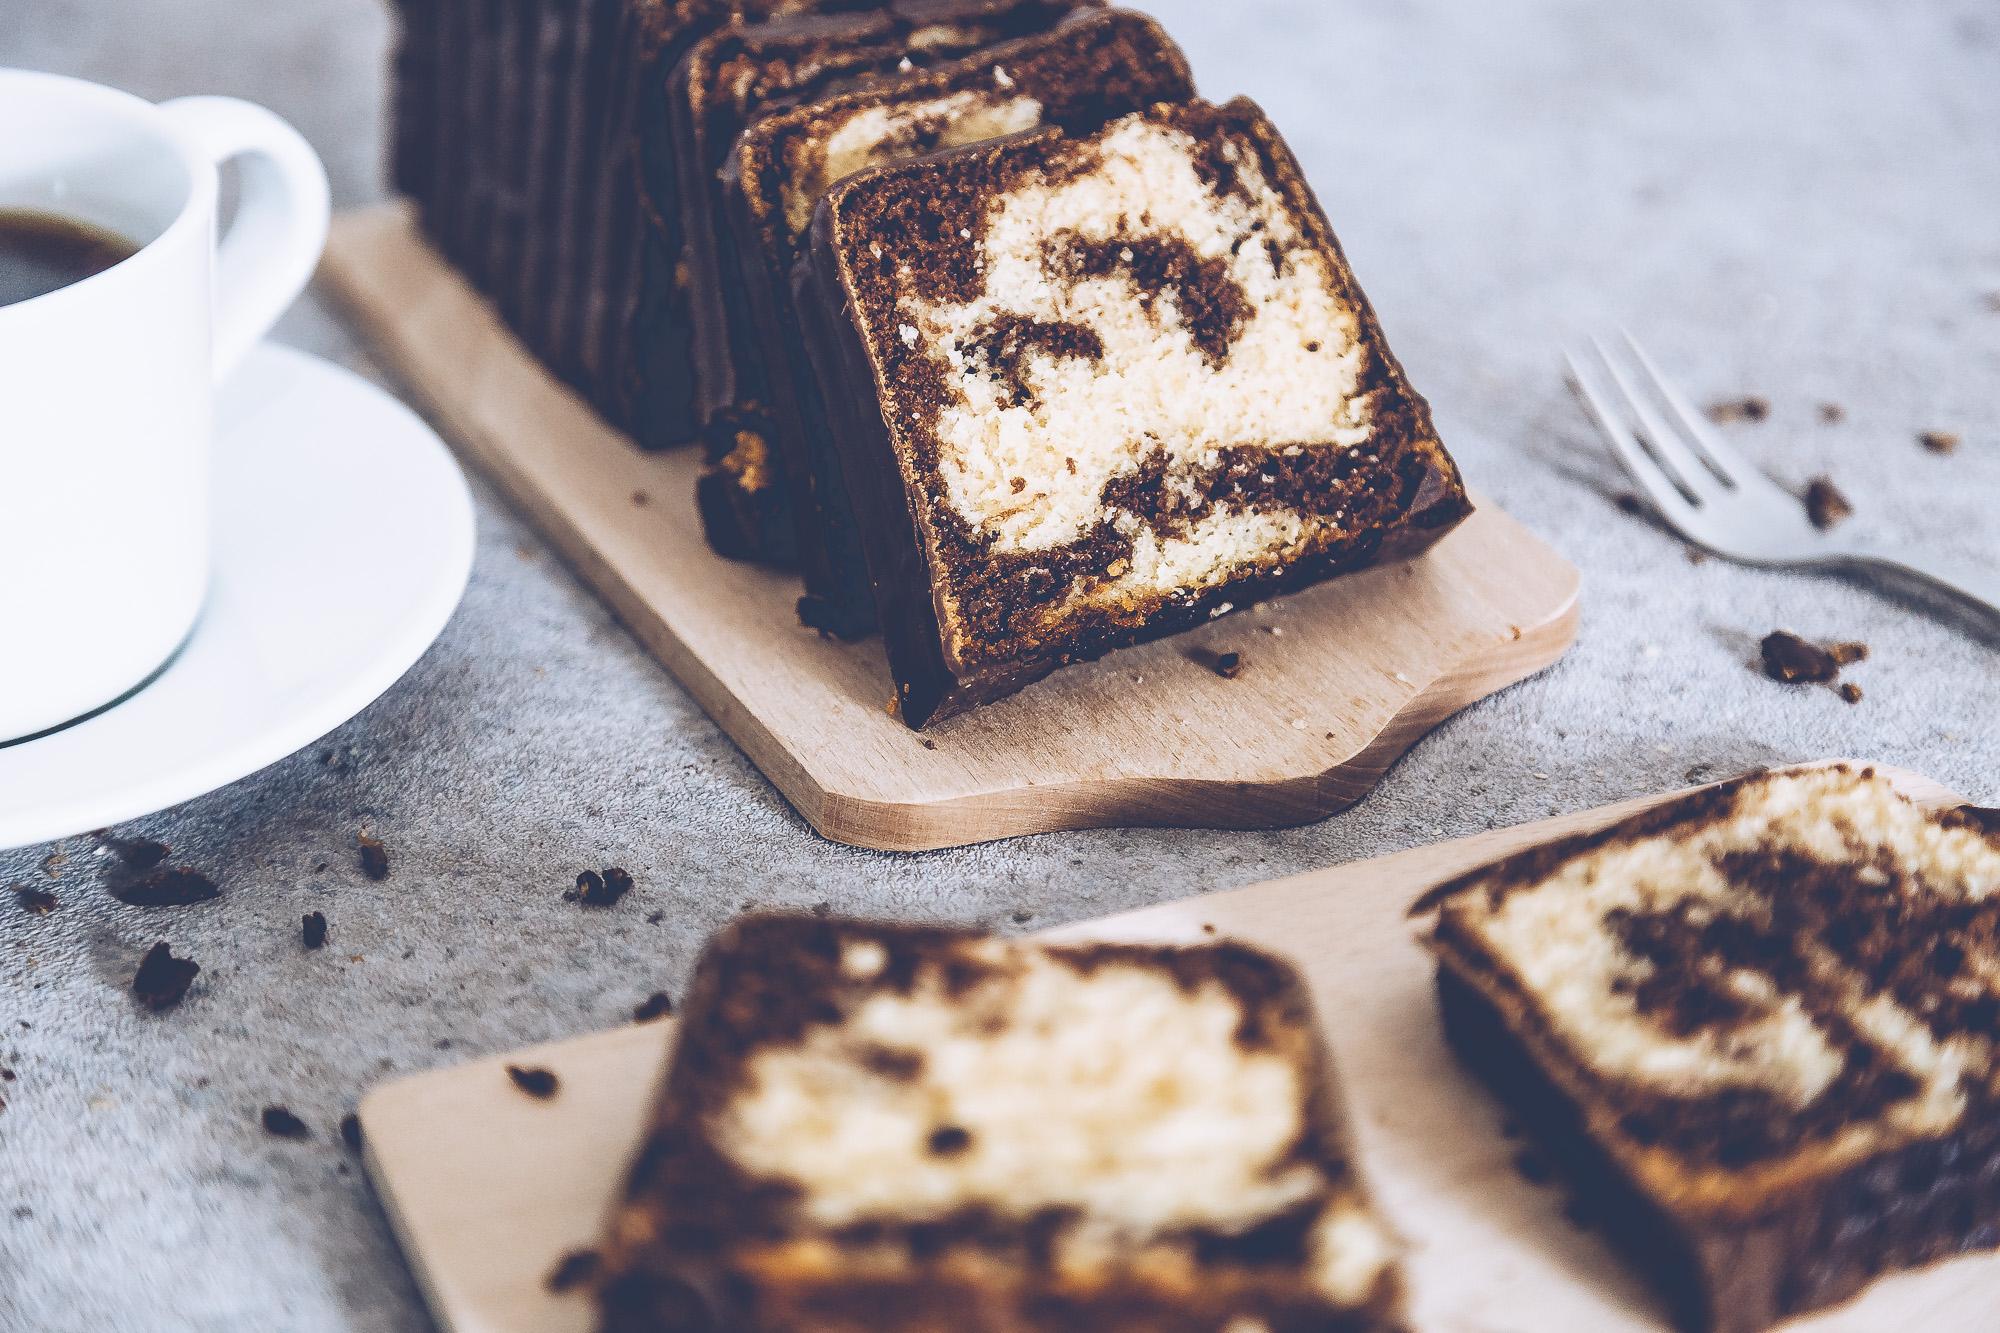 foodblog-koeln-rezept-mamorkuchen-lecker-backen-essen